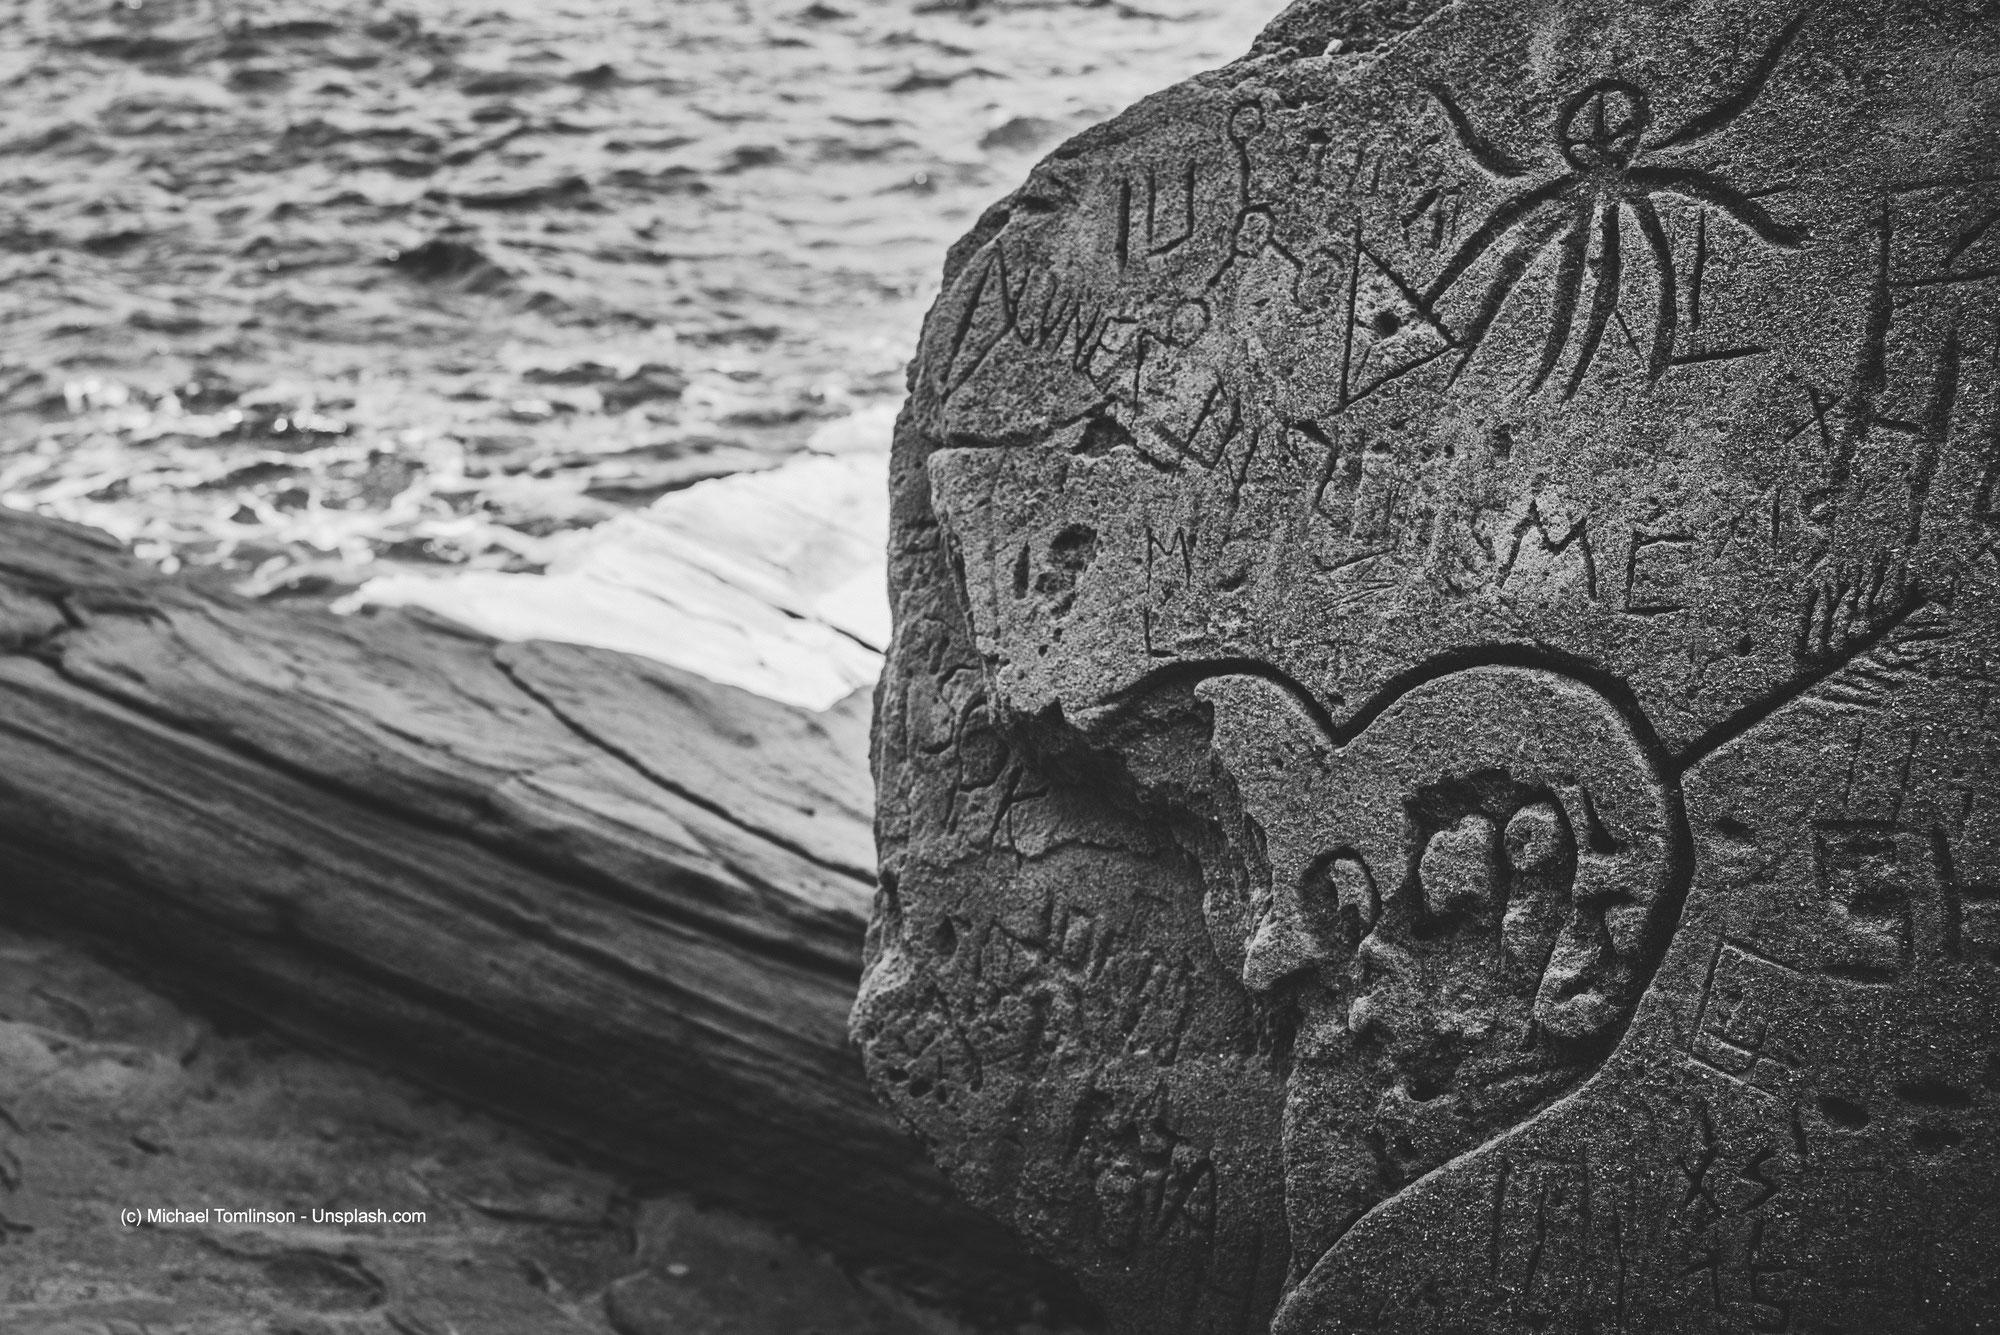 Auf dem Weg in das Goldene Zeitalter von Atlantis